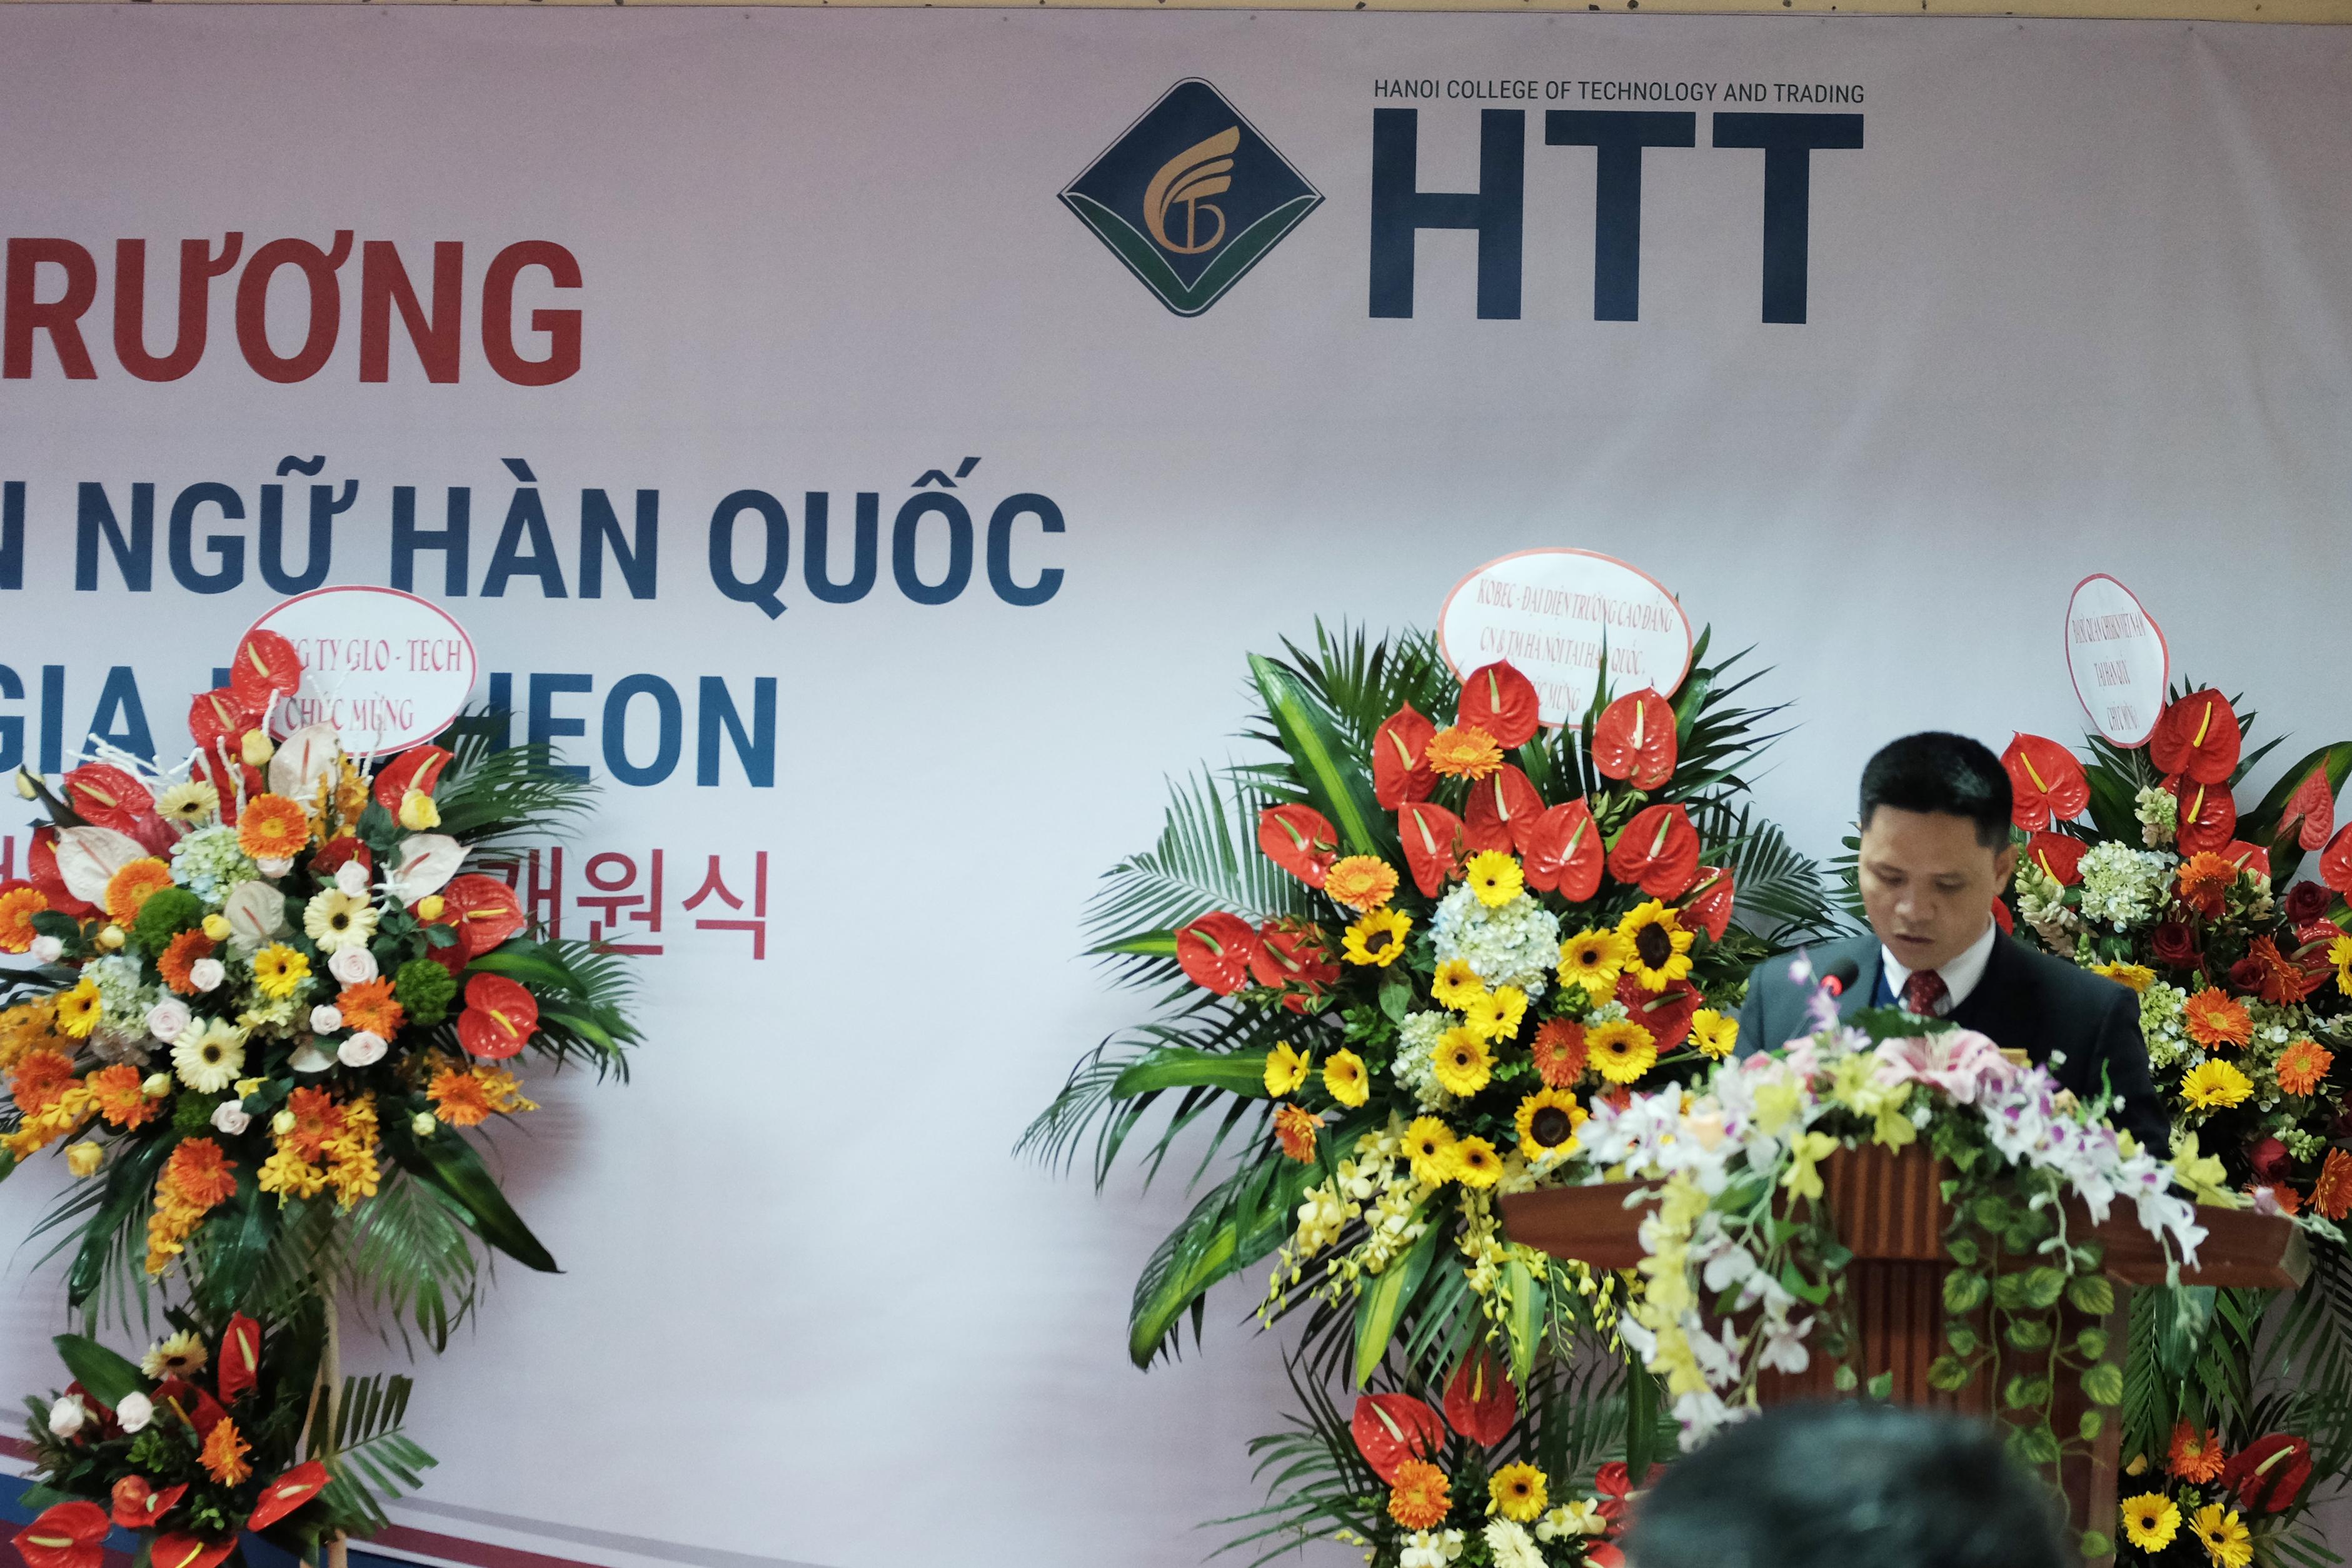 TS. Nguyễn Xuân Sang - Hiệu trưởng Nhà trường phát biểu tại Lễ khai trương